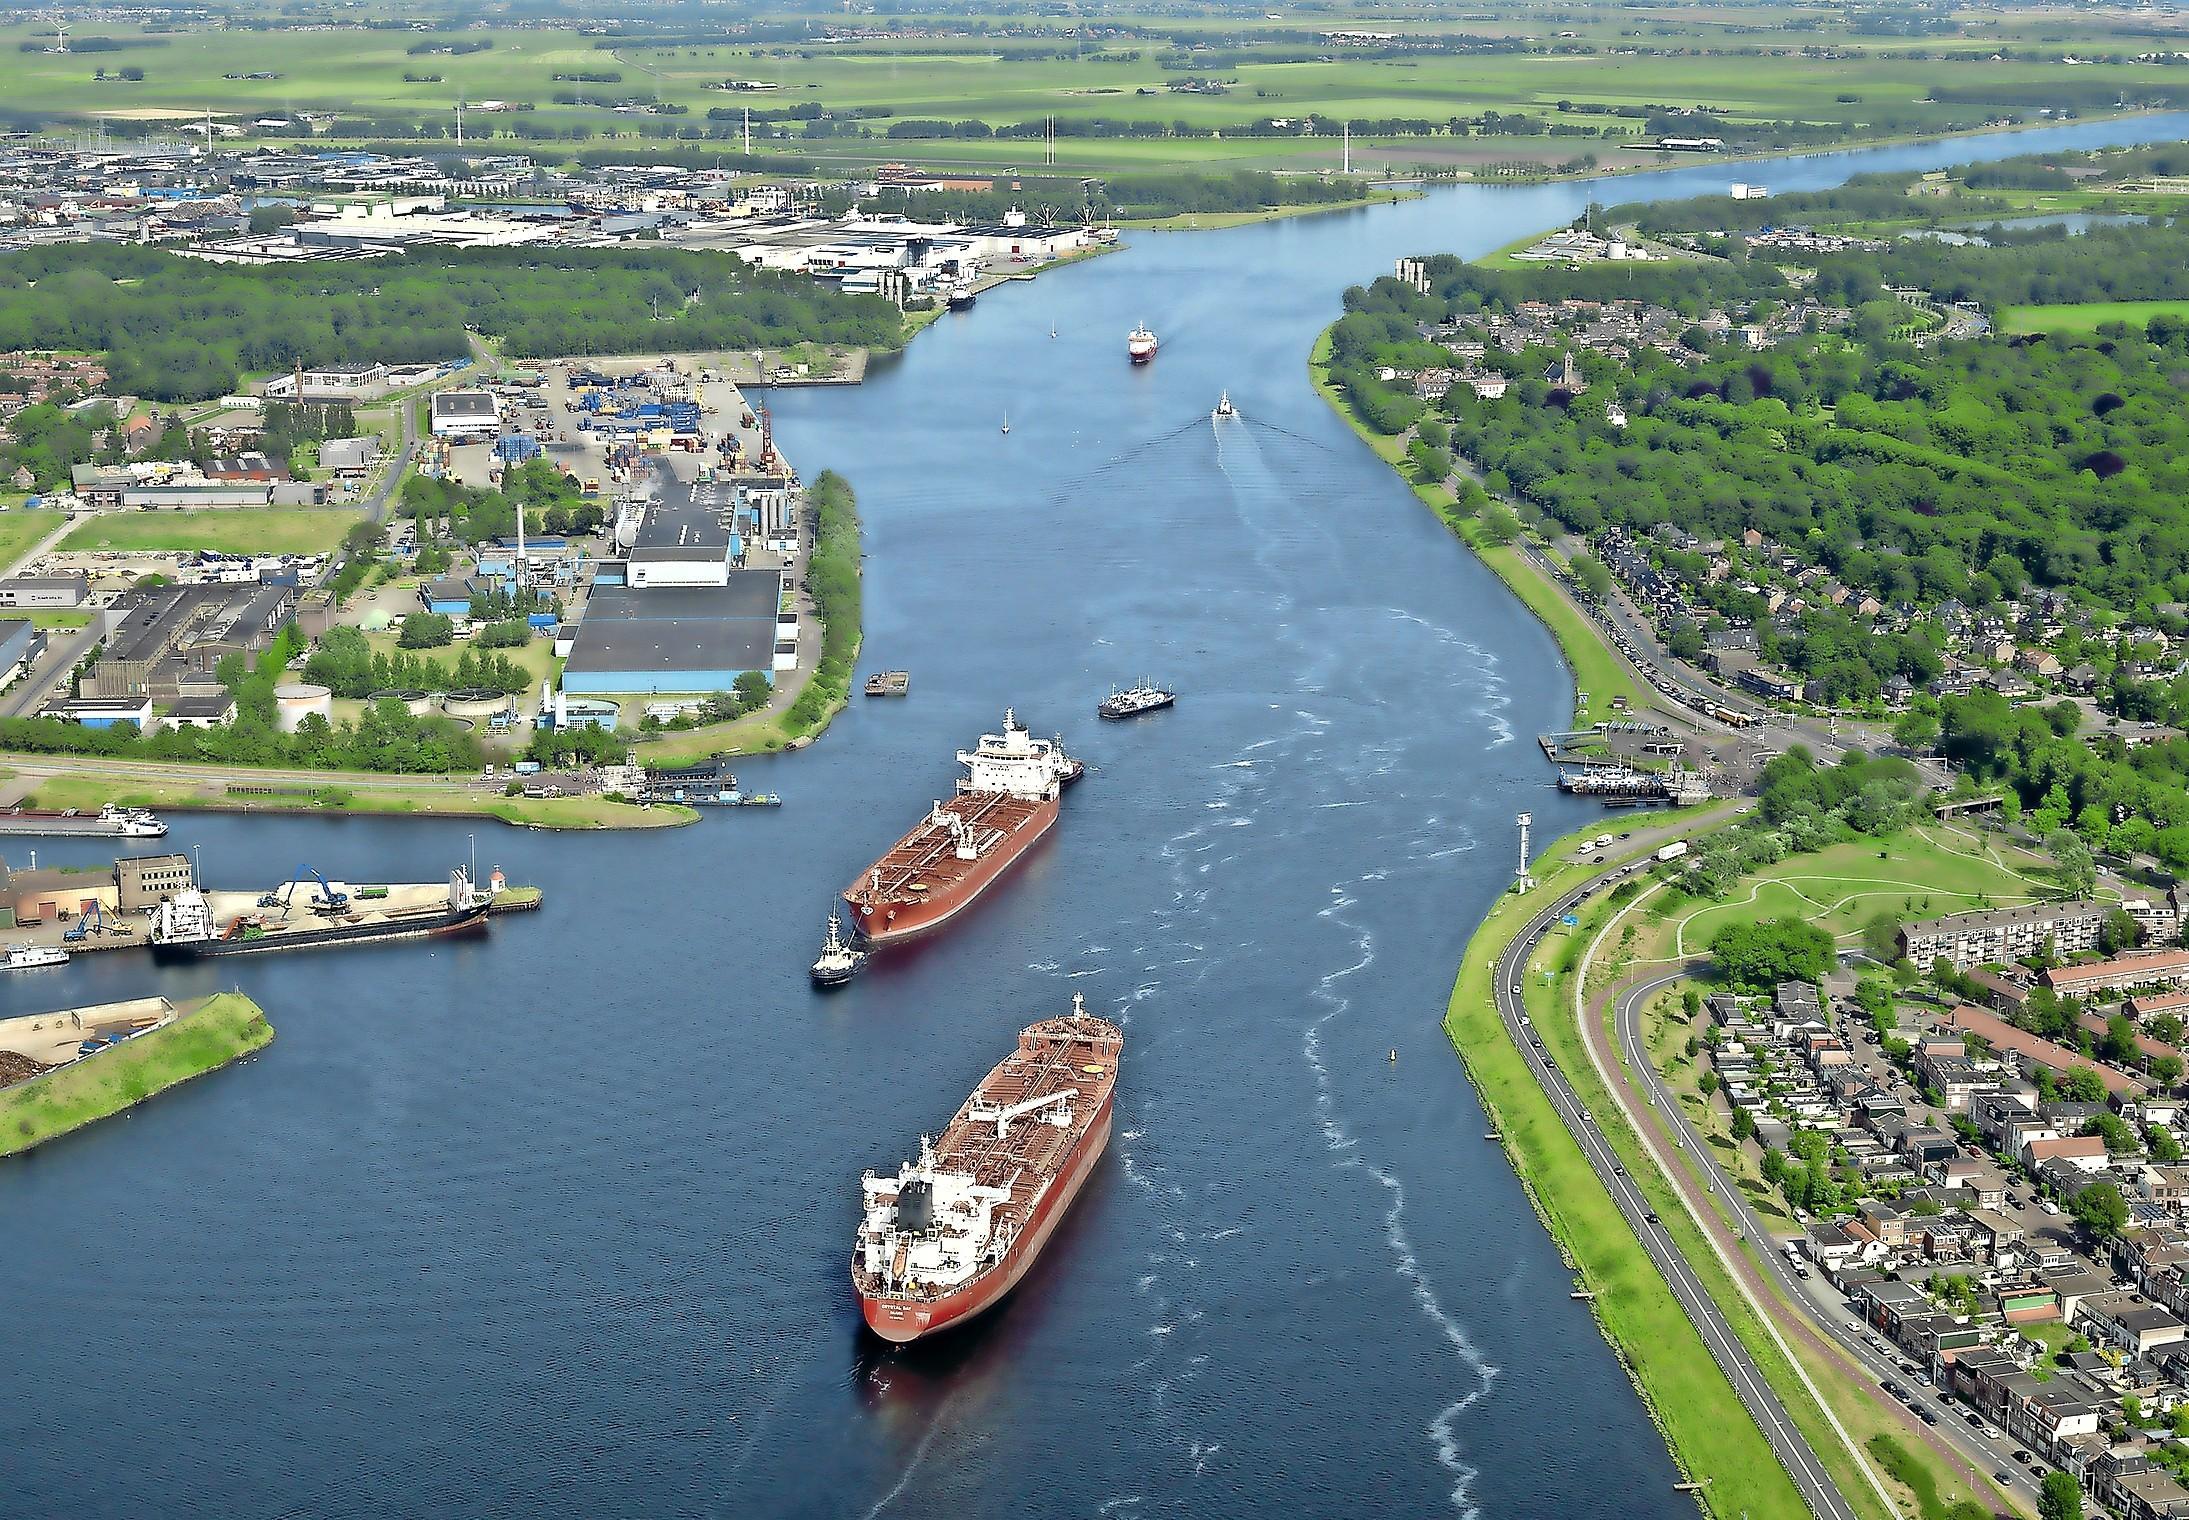 'Dode harders in Noordzeekanaal waarschijnlijk gestorven door visziekte': Rijkswaterstaat ziet geen aanwijzingen voor lozing van giftige stoffen